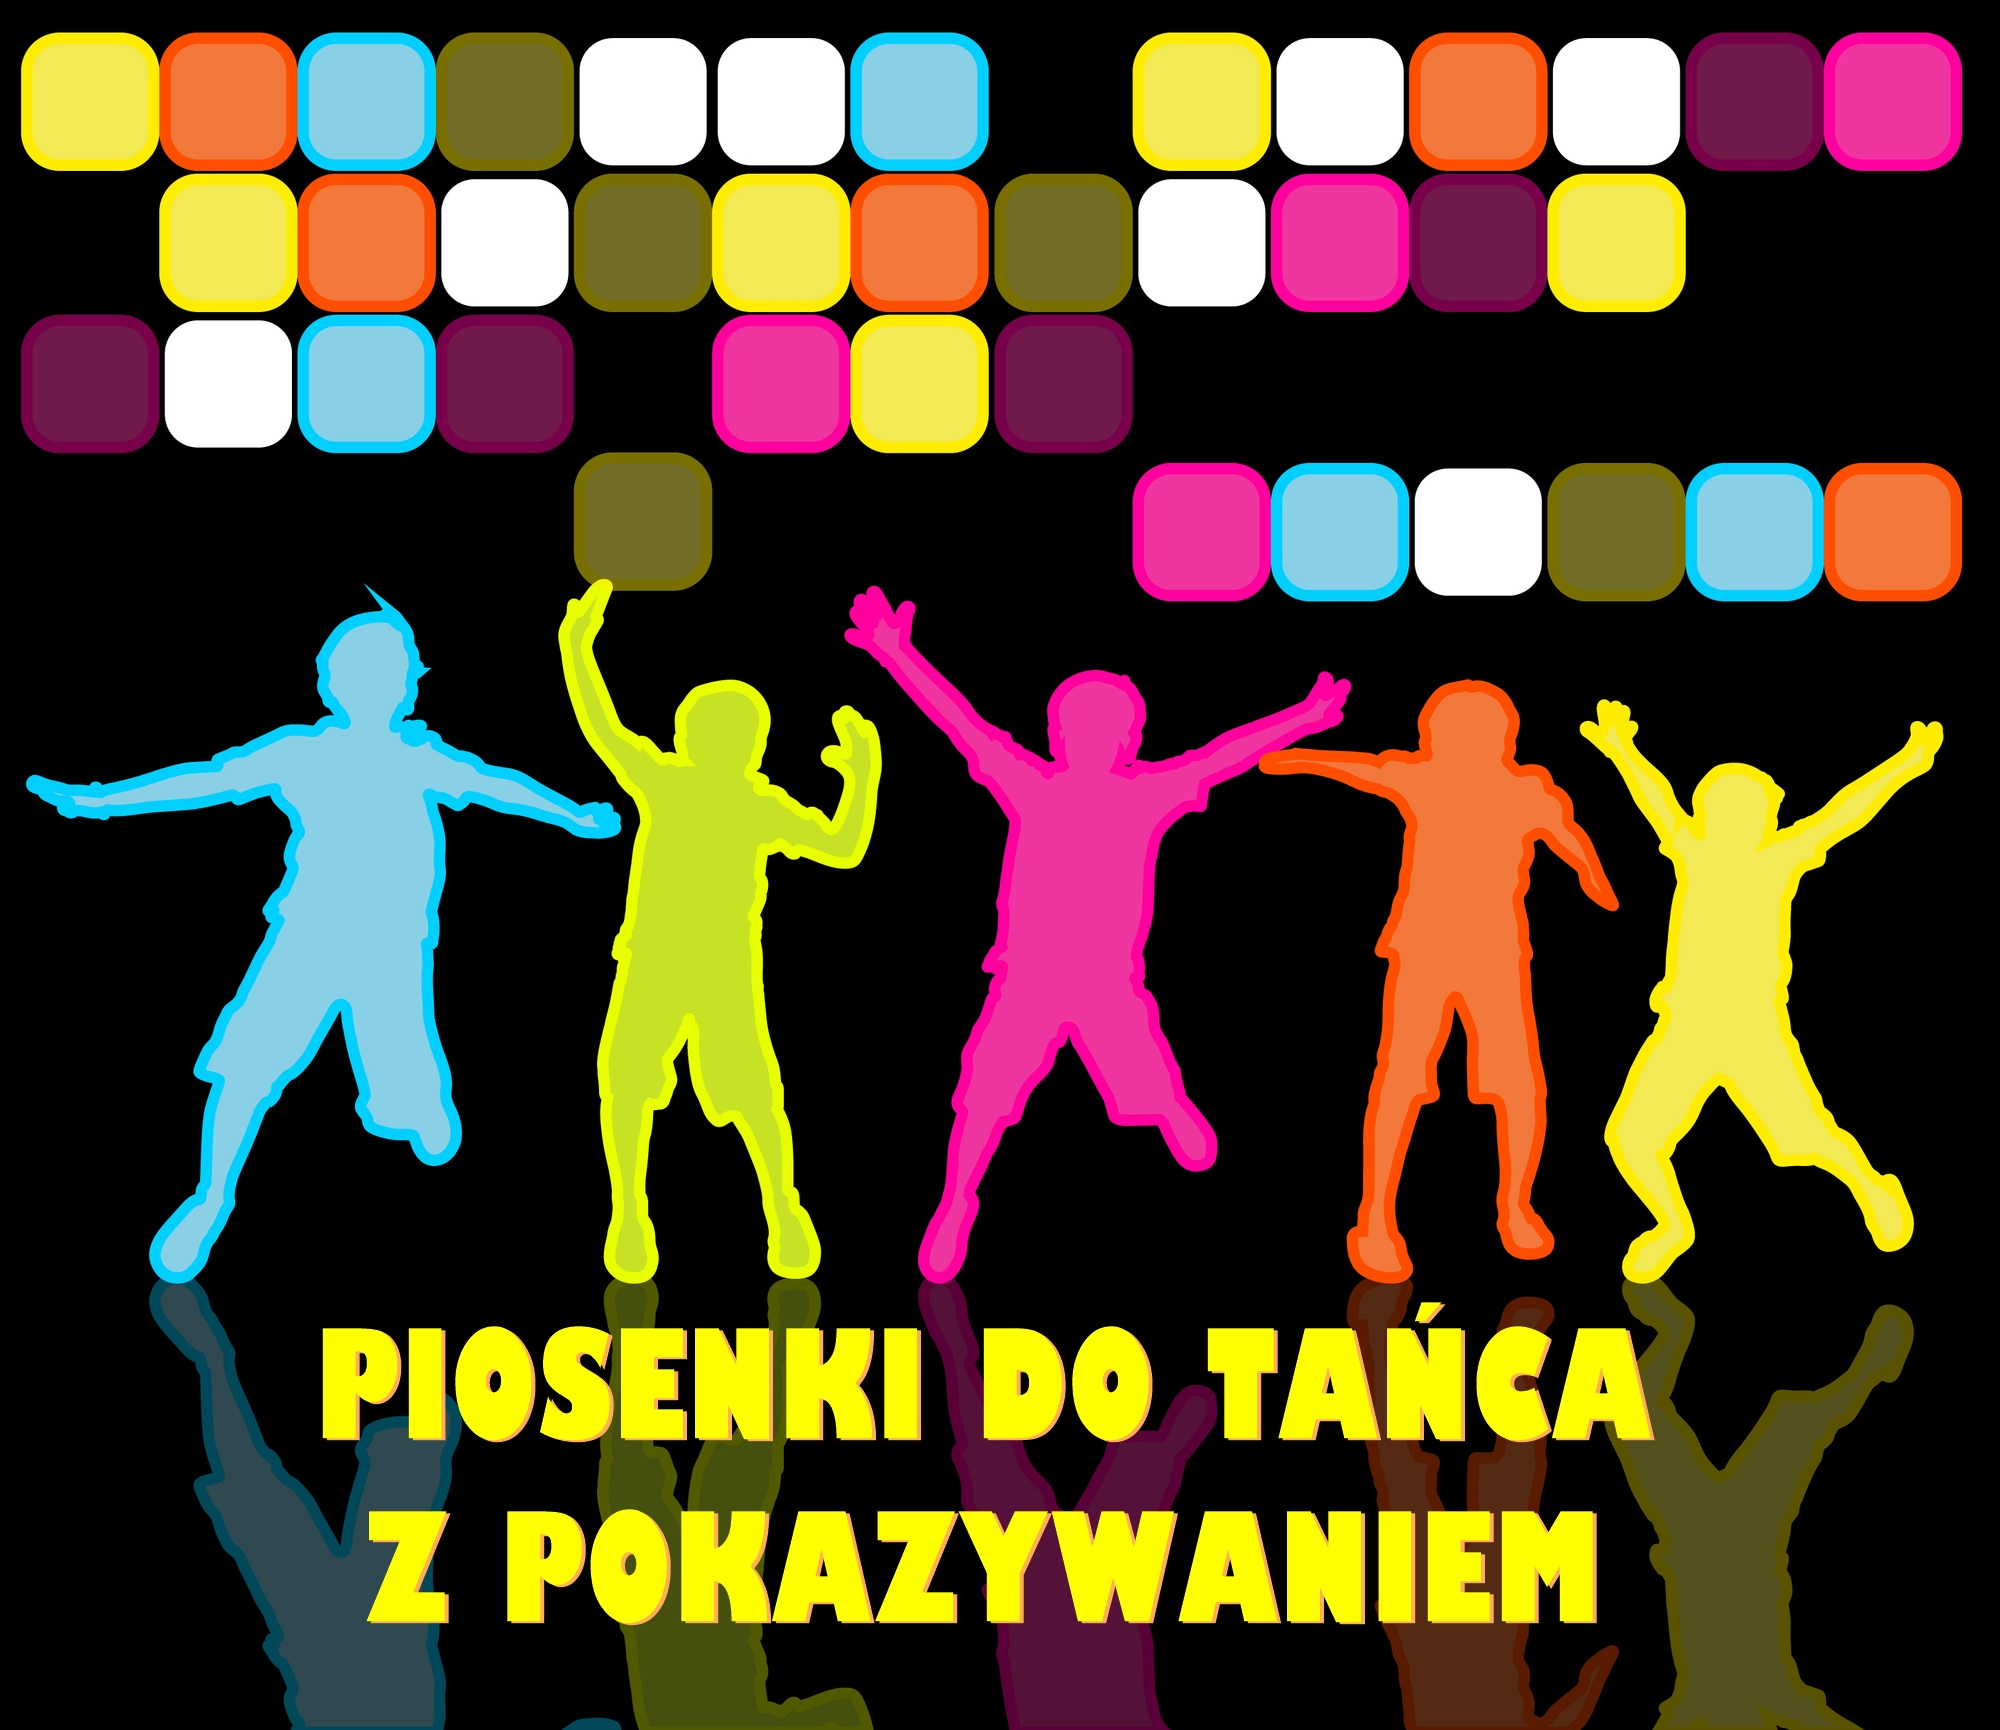 piosenki do tańca z pokazywaniem